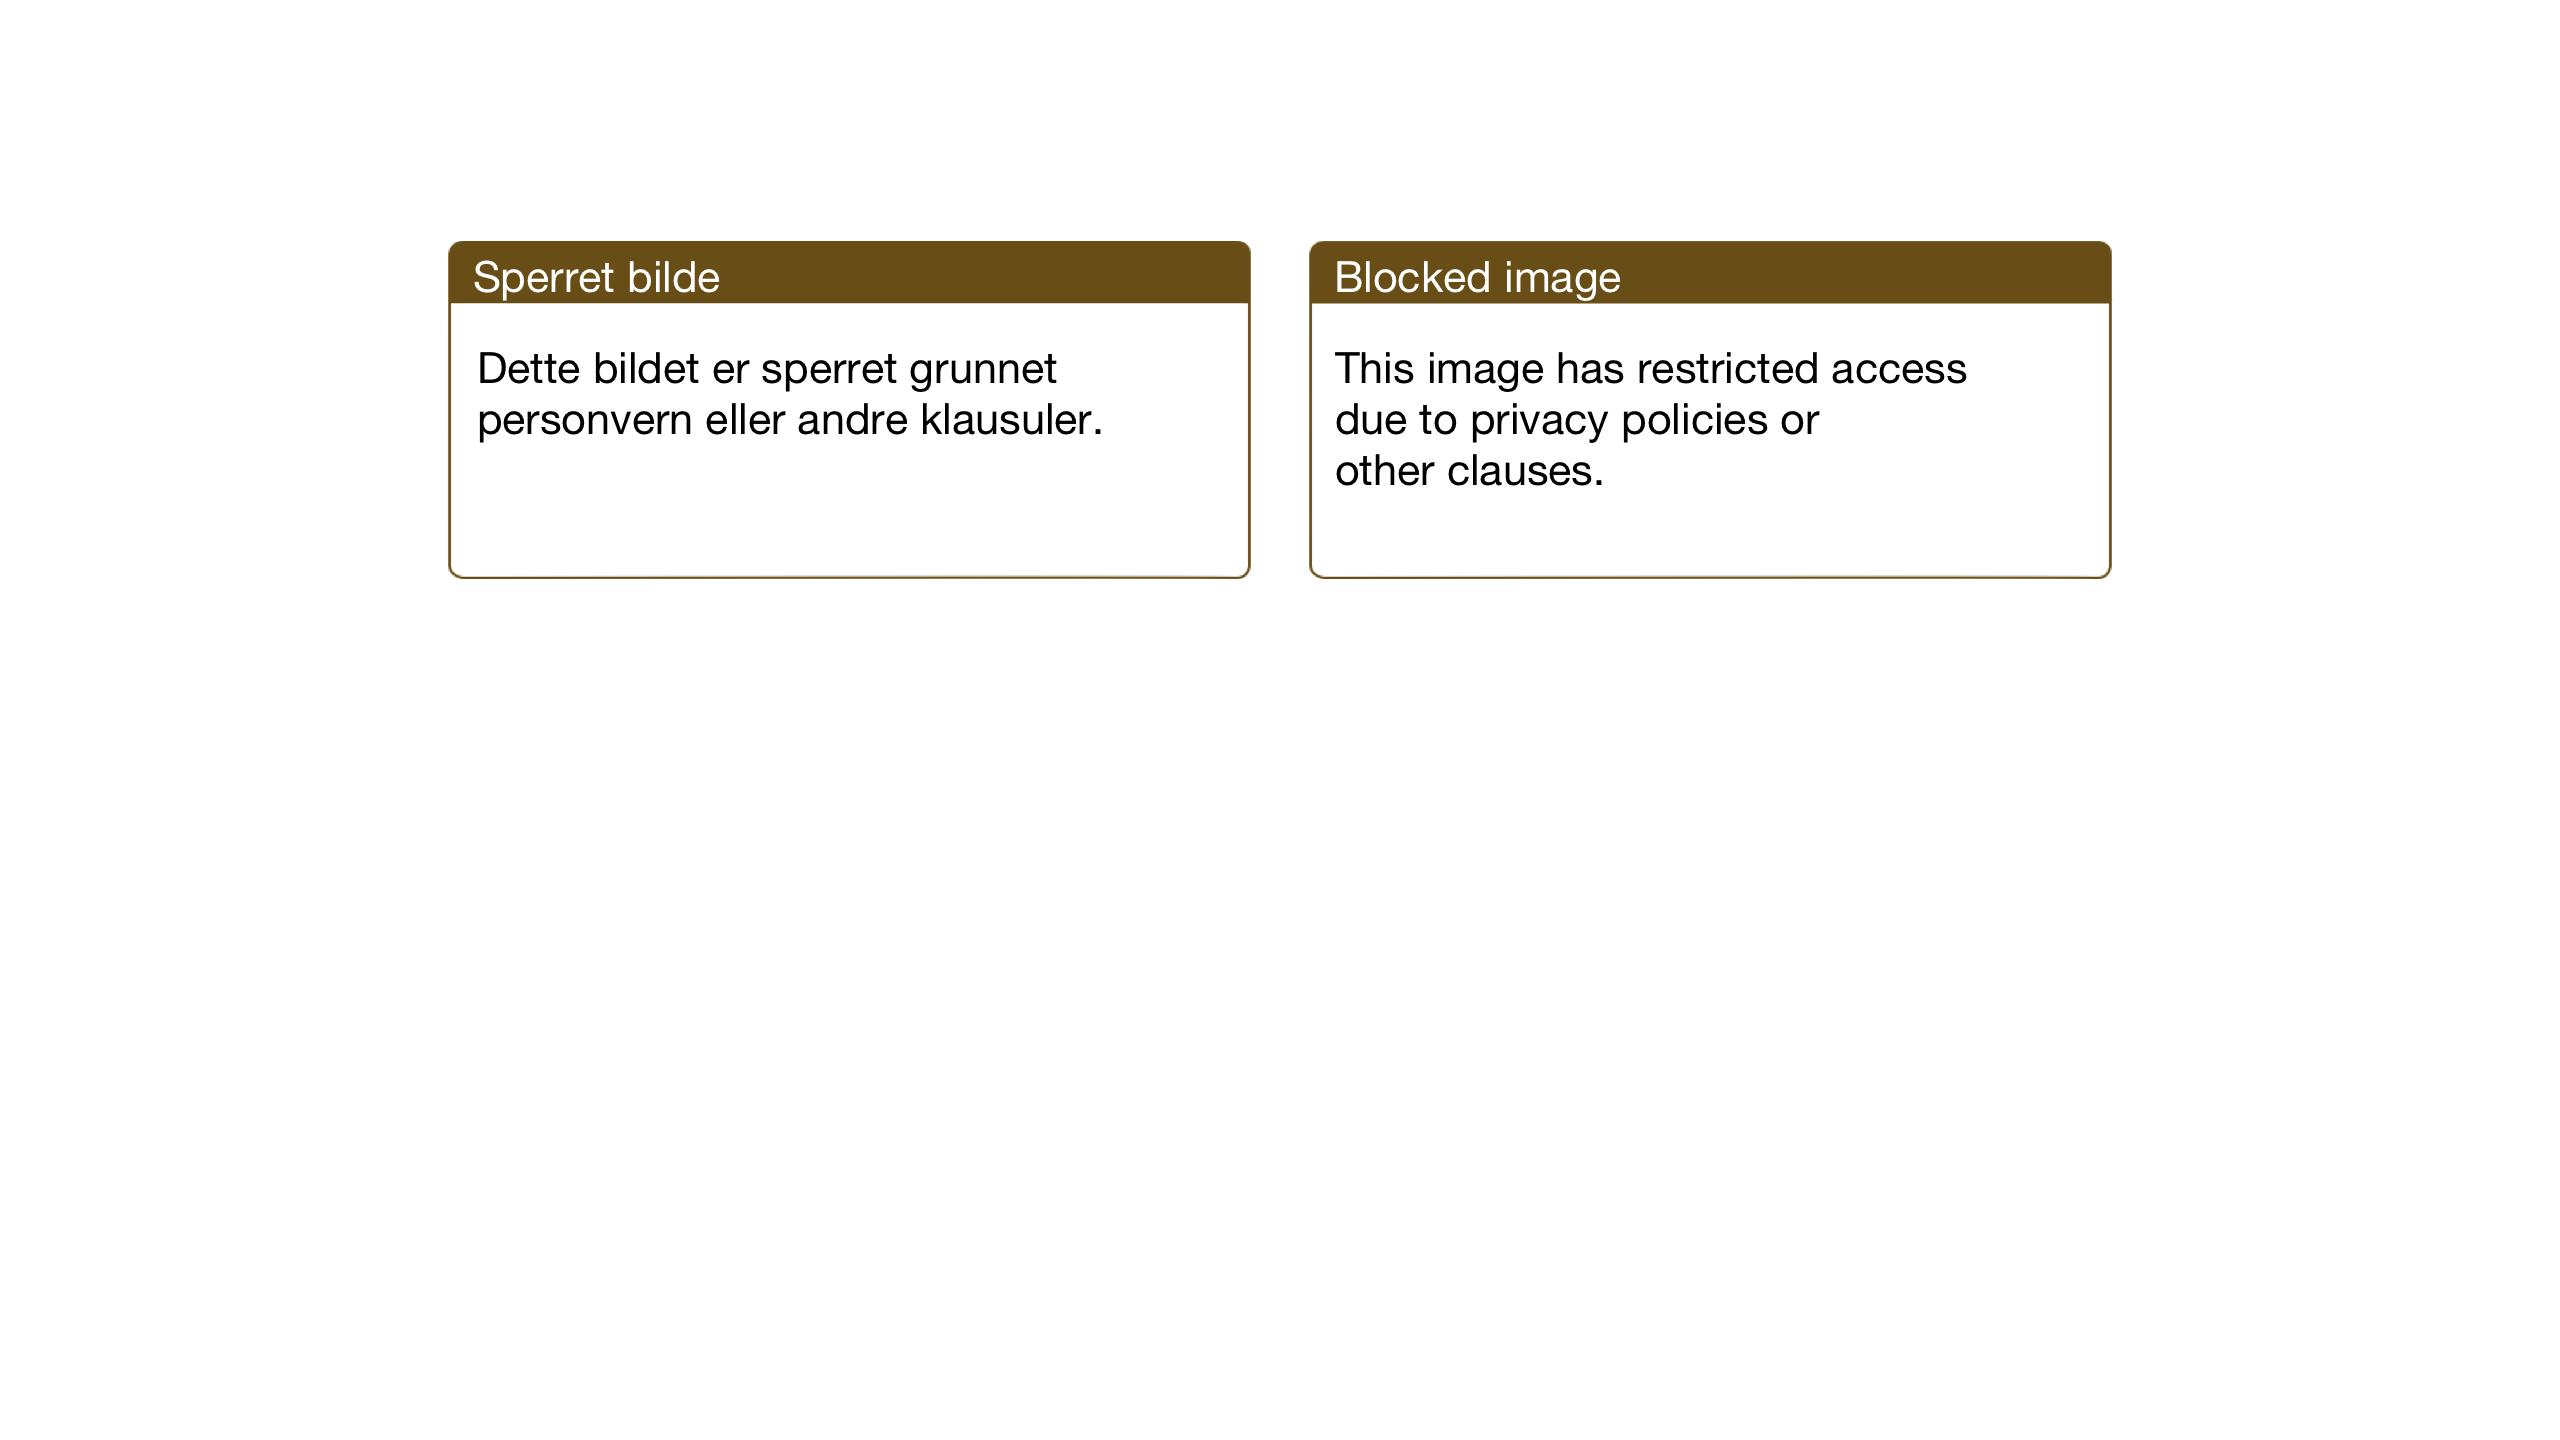 SAT, Ministerialprotokoller, klokkerbøker og fødselsregistre - Sør-Trøndelag, 655/L0690: Klokkerbok nr. 655C06, 1937-1950, s. 79